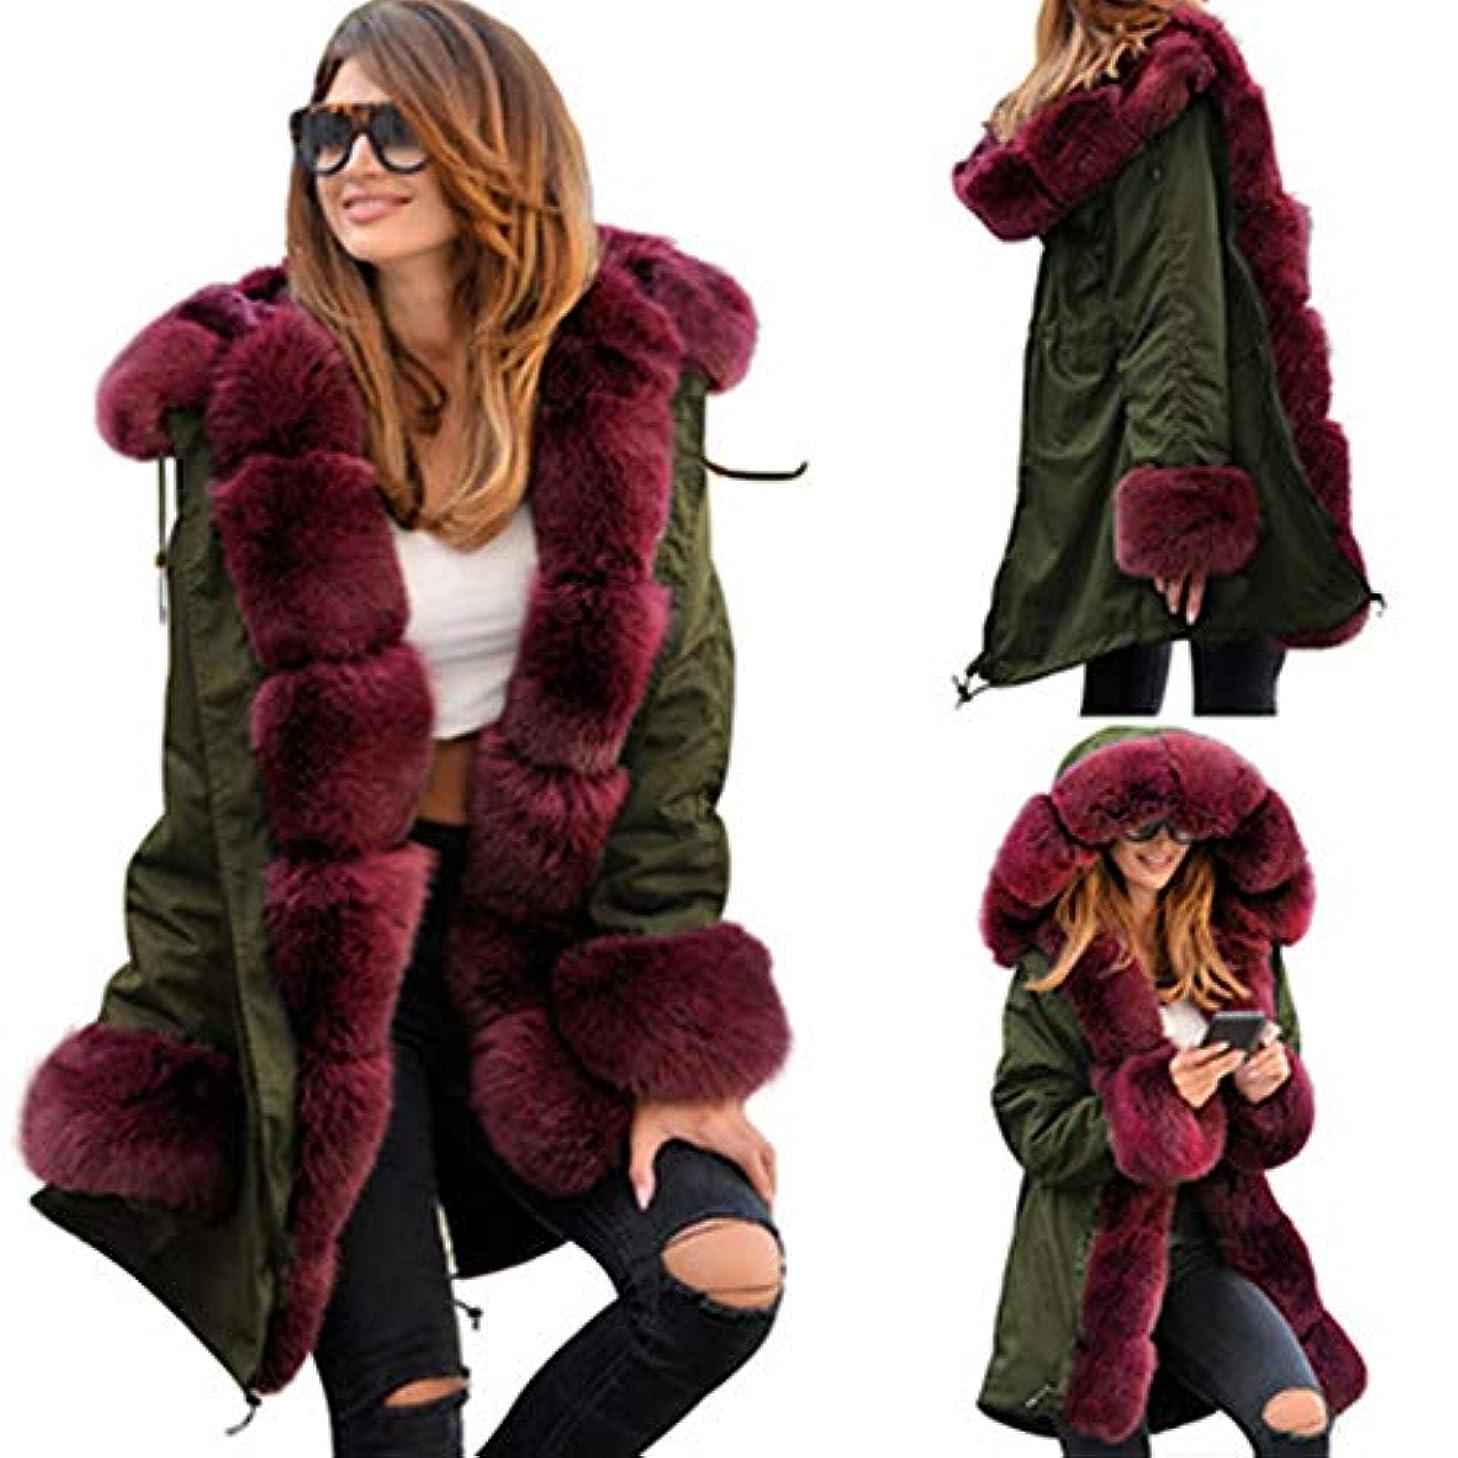 社会主義奇妙な喜びウィンタージャケット女性コットンWaddedフード付きコートカジュアルレディースWarm Parkasレディースウィンターコート,Red,XL